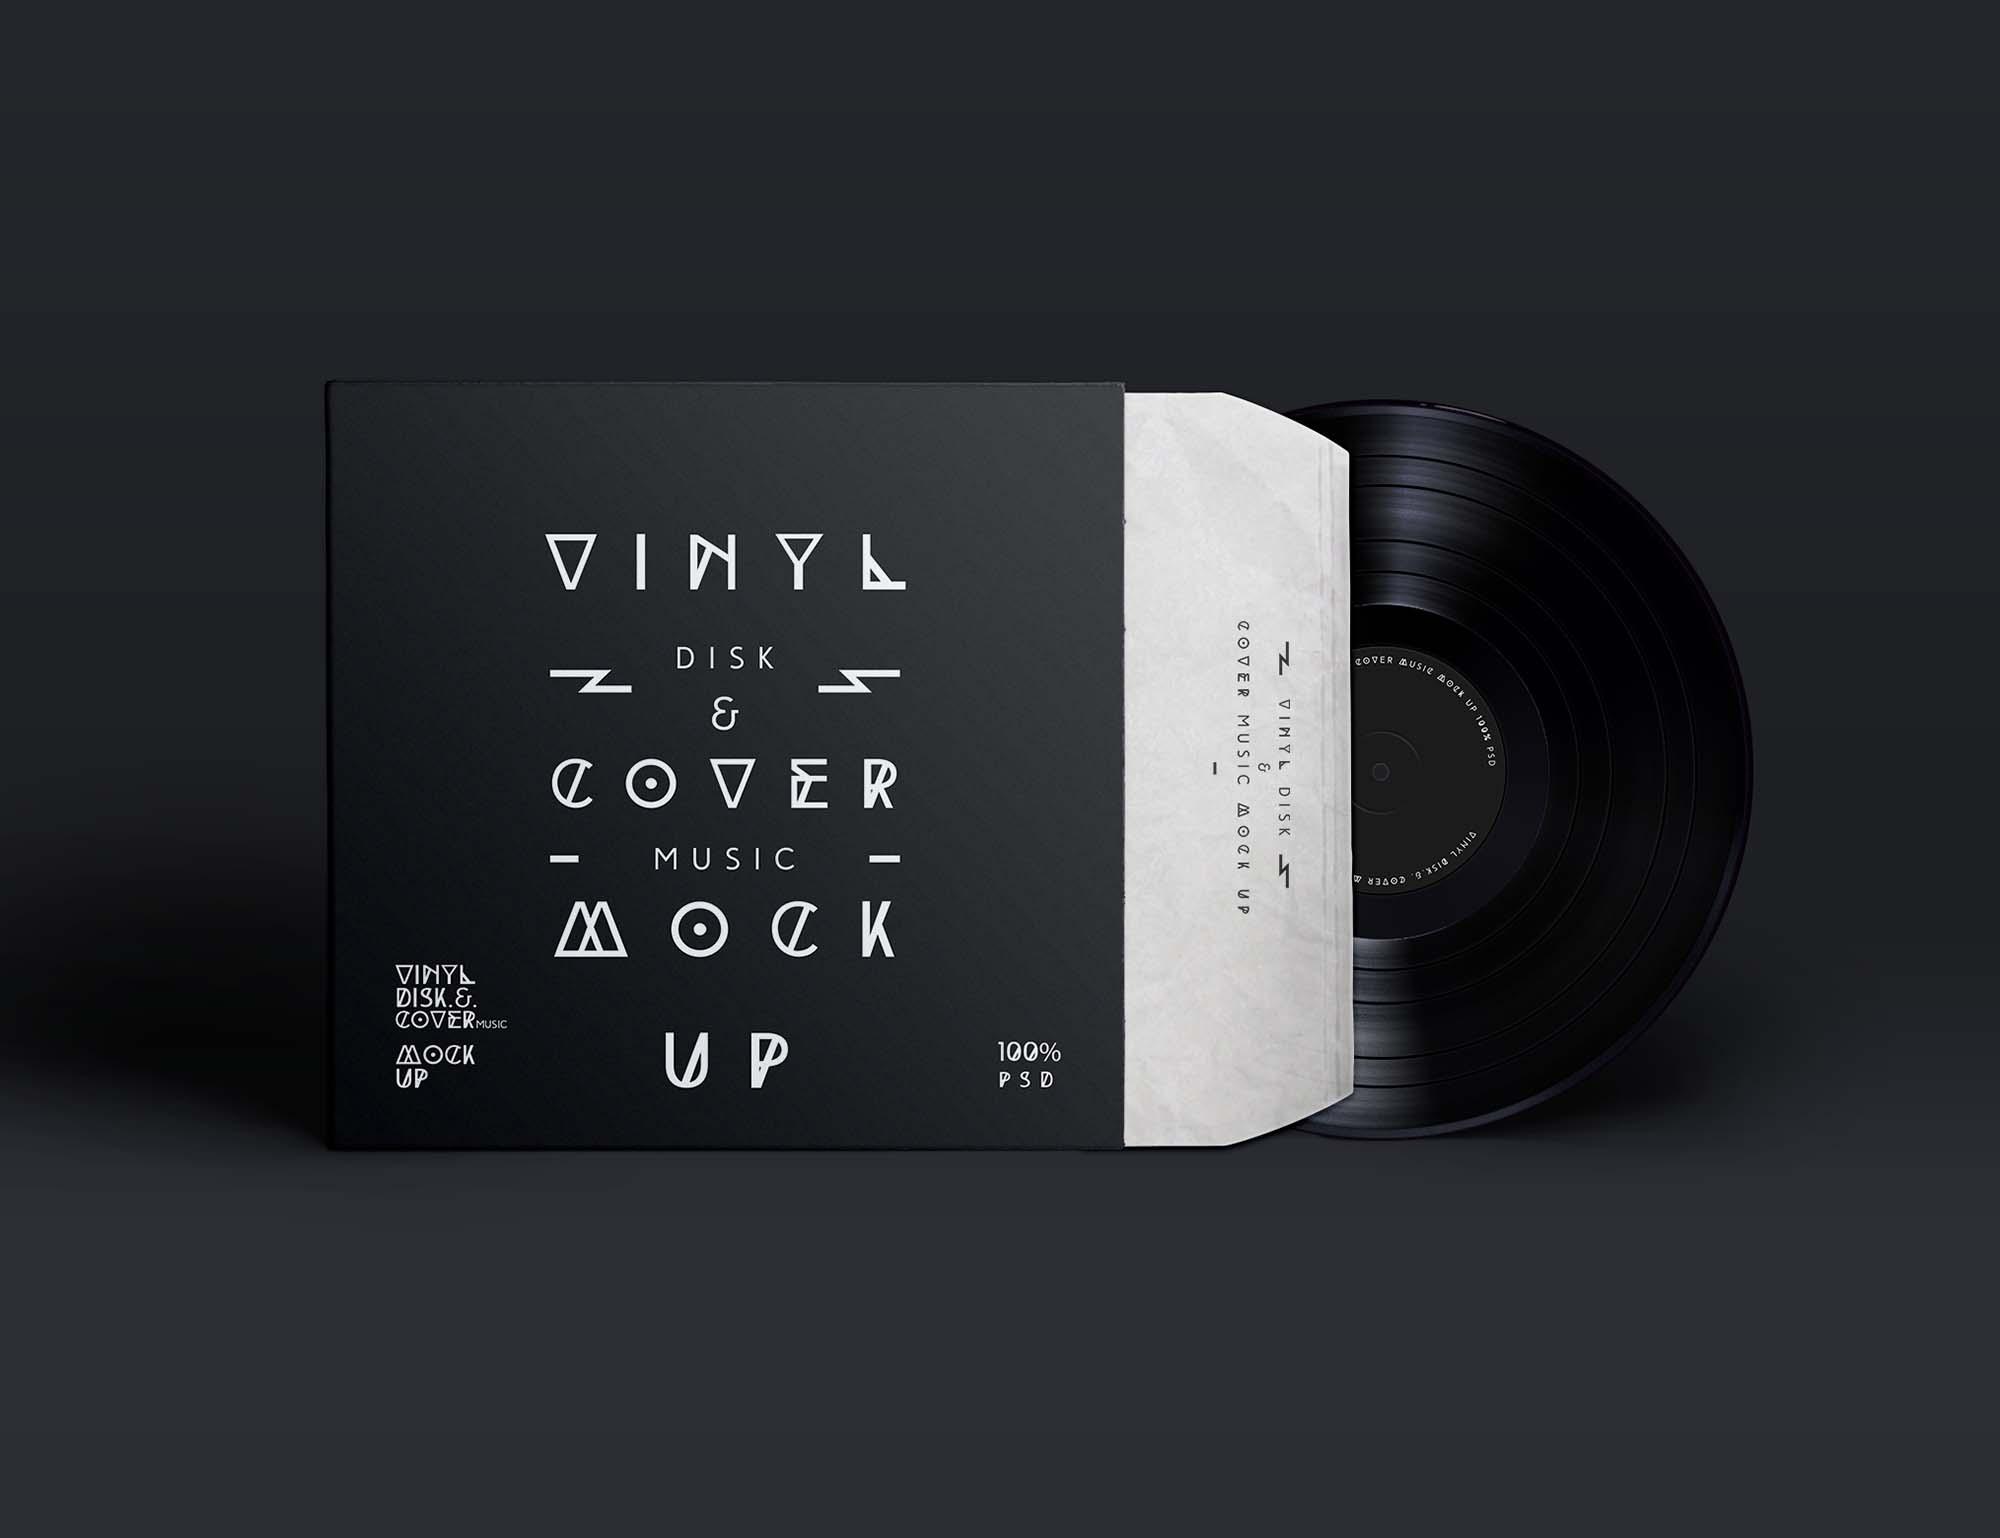 Vinyl Record & Cover Mockup